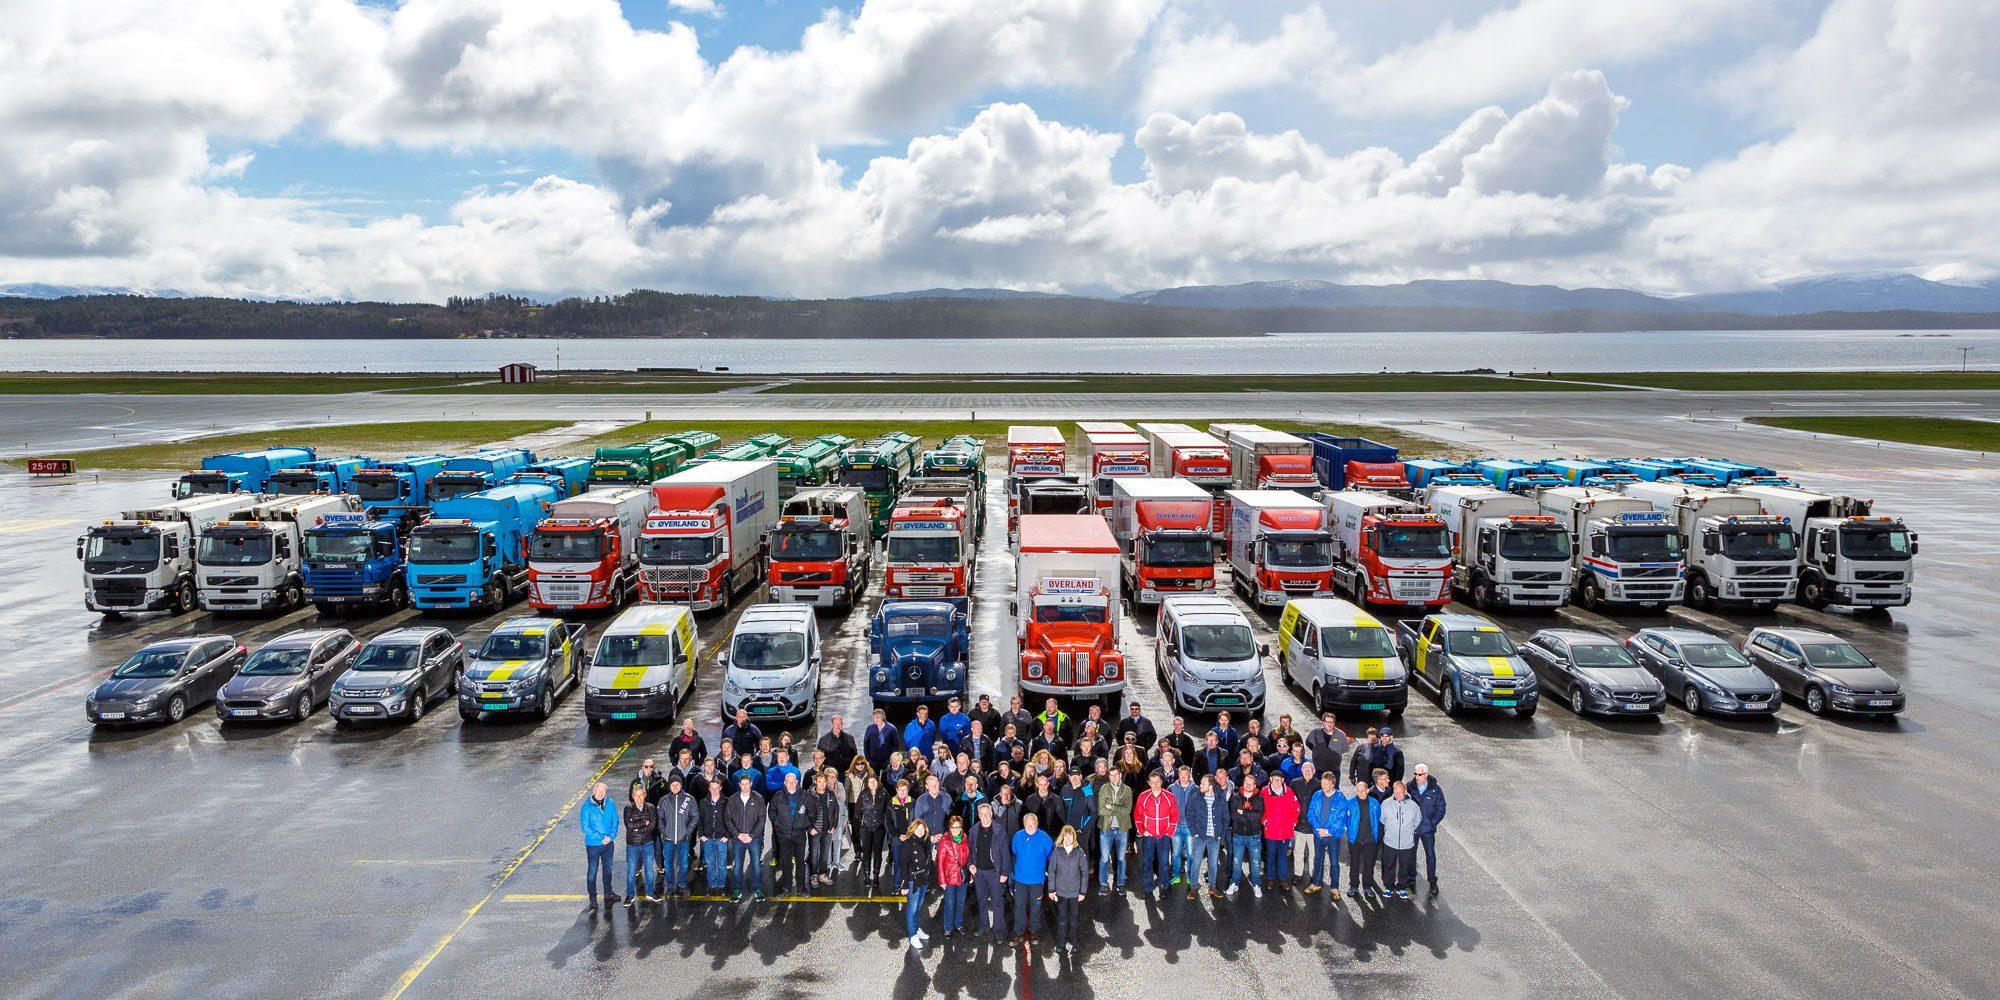 Øverland bilpark oppstilt på flyplassen i Molde